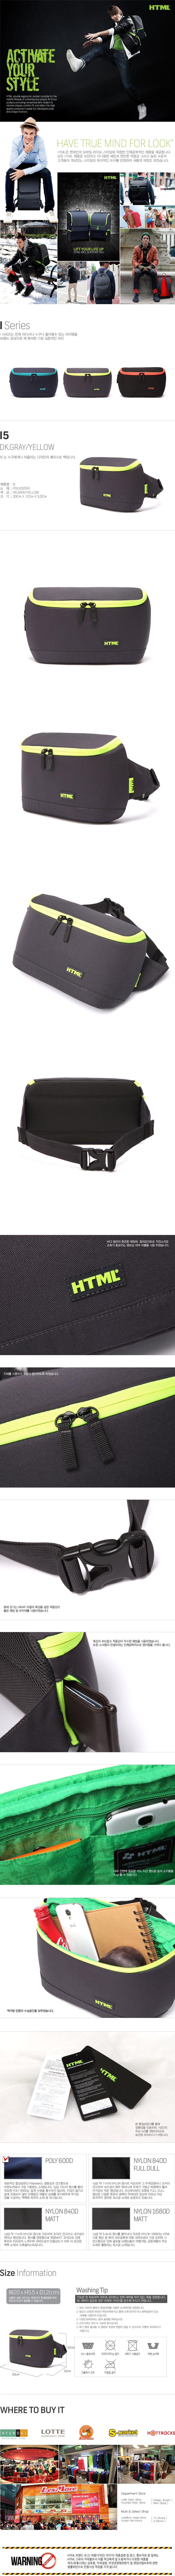 [에이치티엠엘]HTML- I5 Hip sack (DK.GRAY/YELLOW)